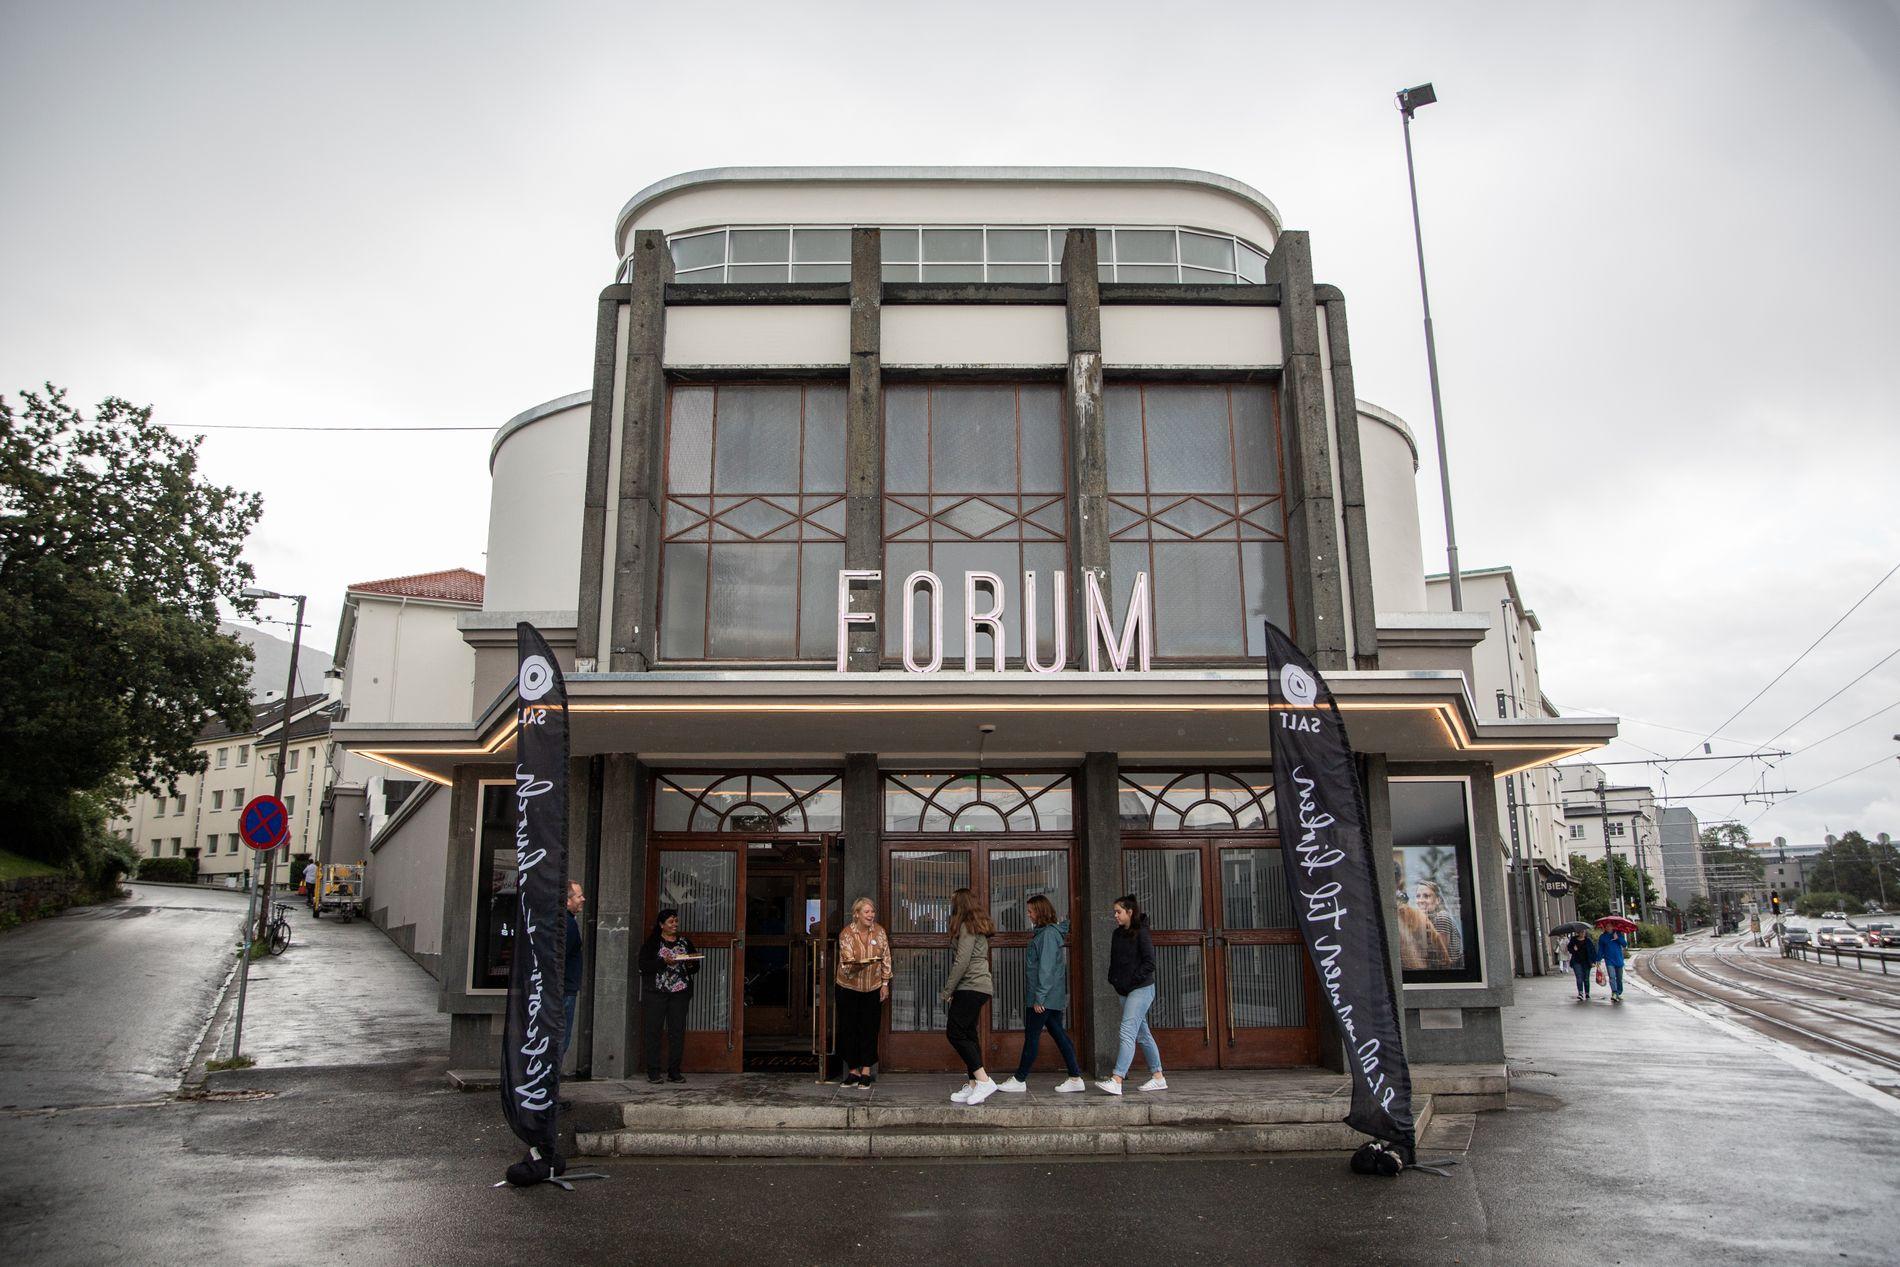 BOIKOTT: Flere artister boikottet åpningen av Forum. Hvorfor ikke boikotte hele verden? spør musiker og filmprodusent Christer Dyngeland.